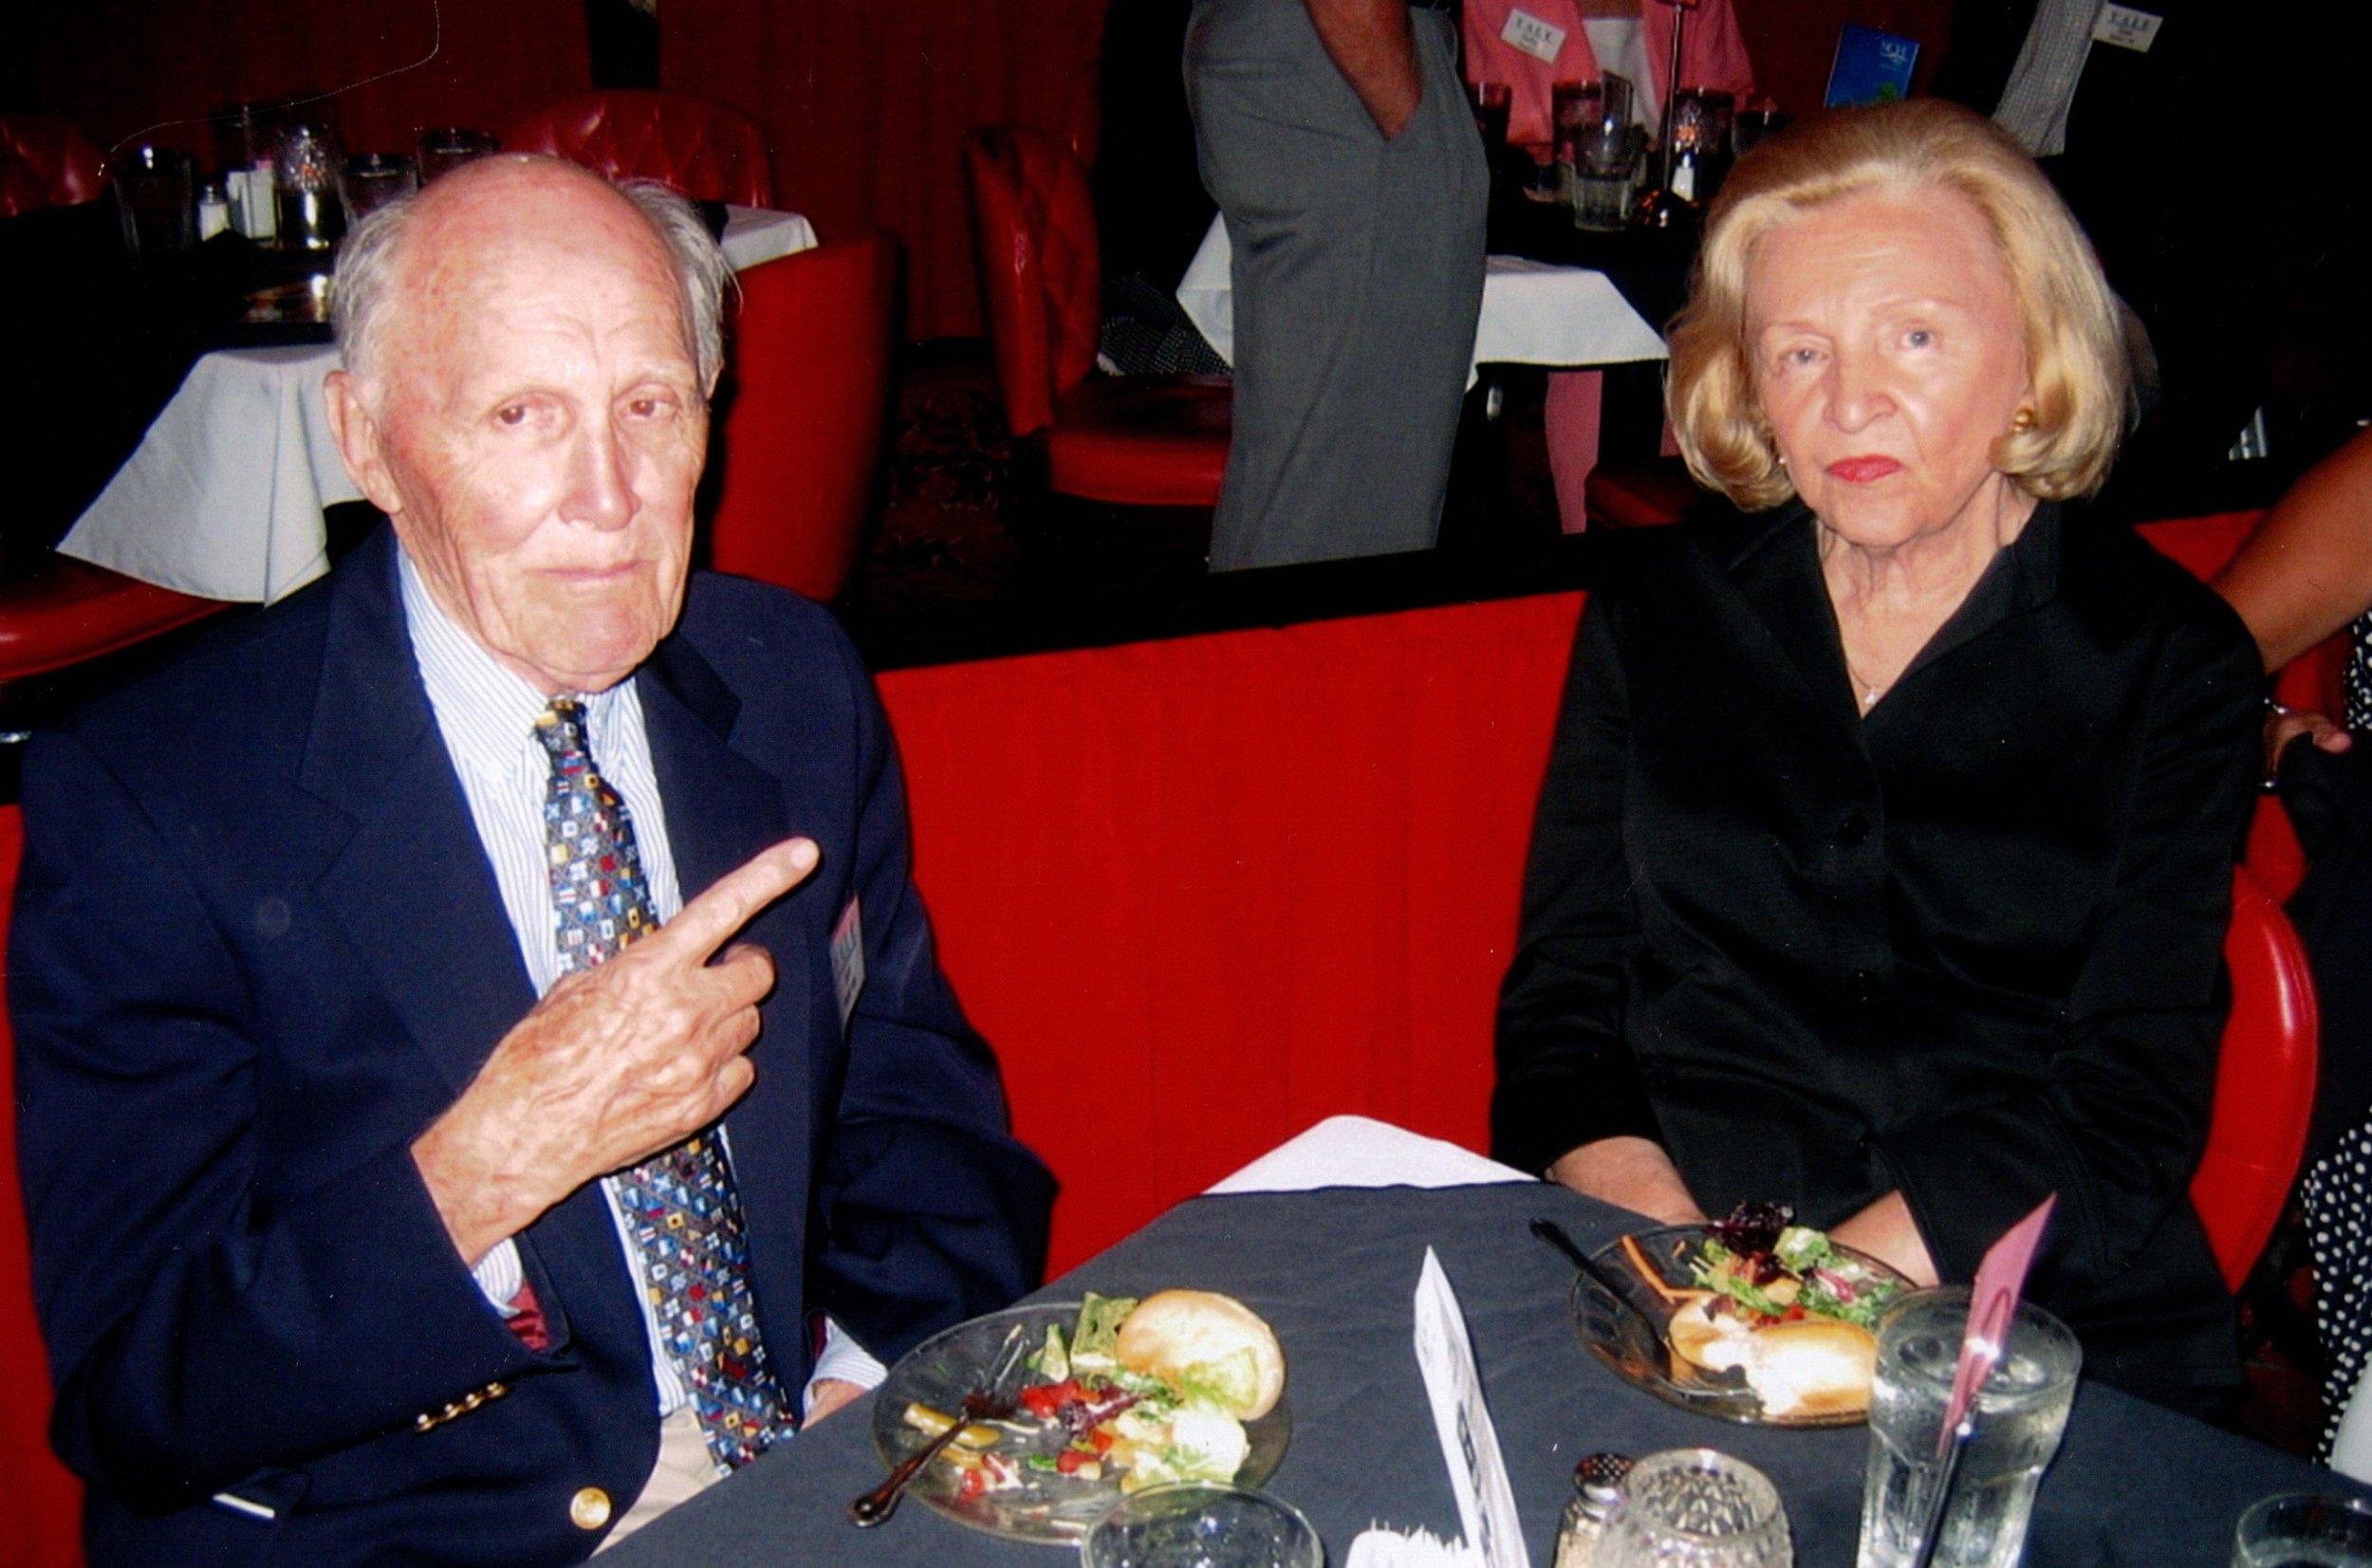 4_5_2007 - NAPLES DINNER THEATER 6.jpg